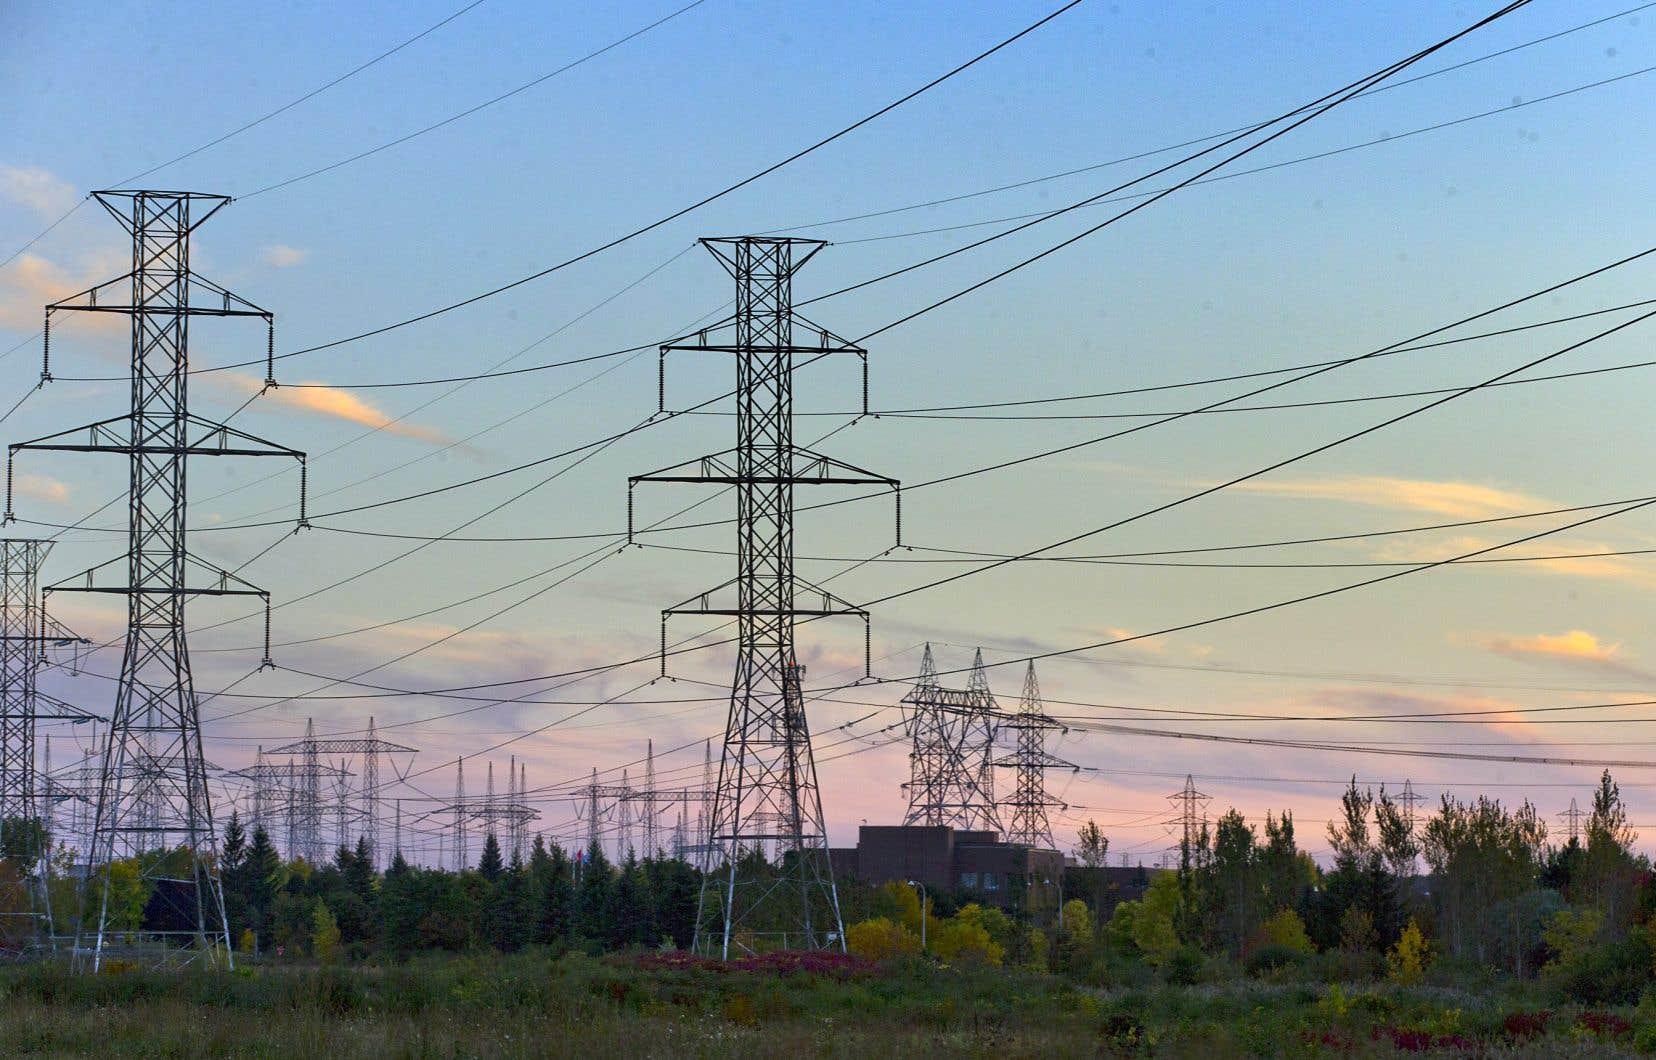 Bien que supérieure à la moyenne canadienne, la productivité énergétique du Québec accuse un retard de 14 % sur celle de l'Ontario, selon un récent rapport.